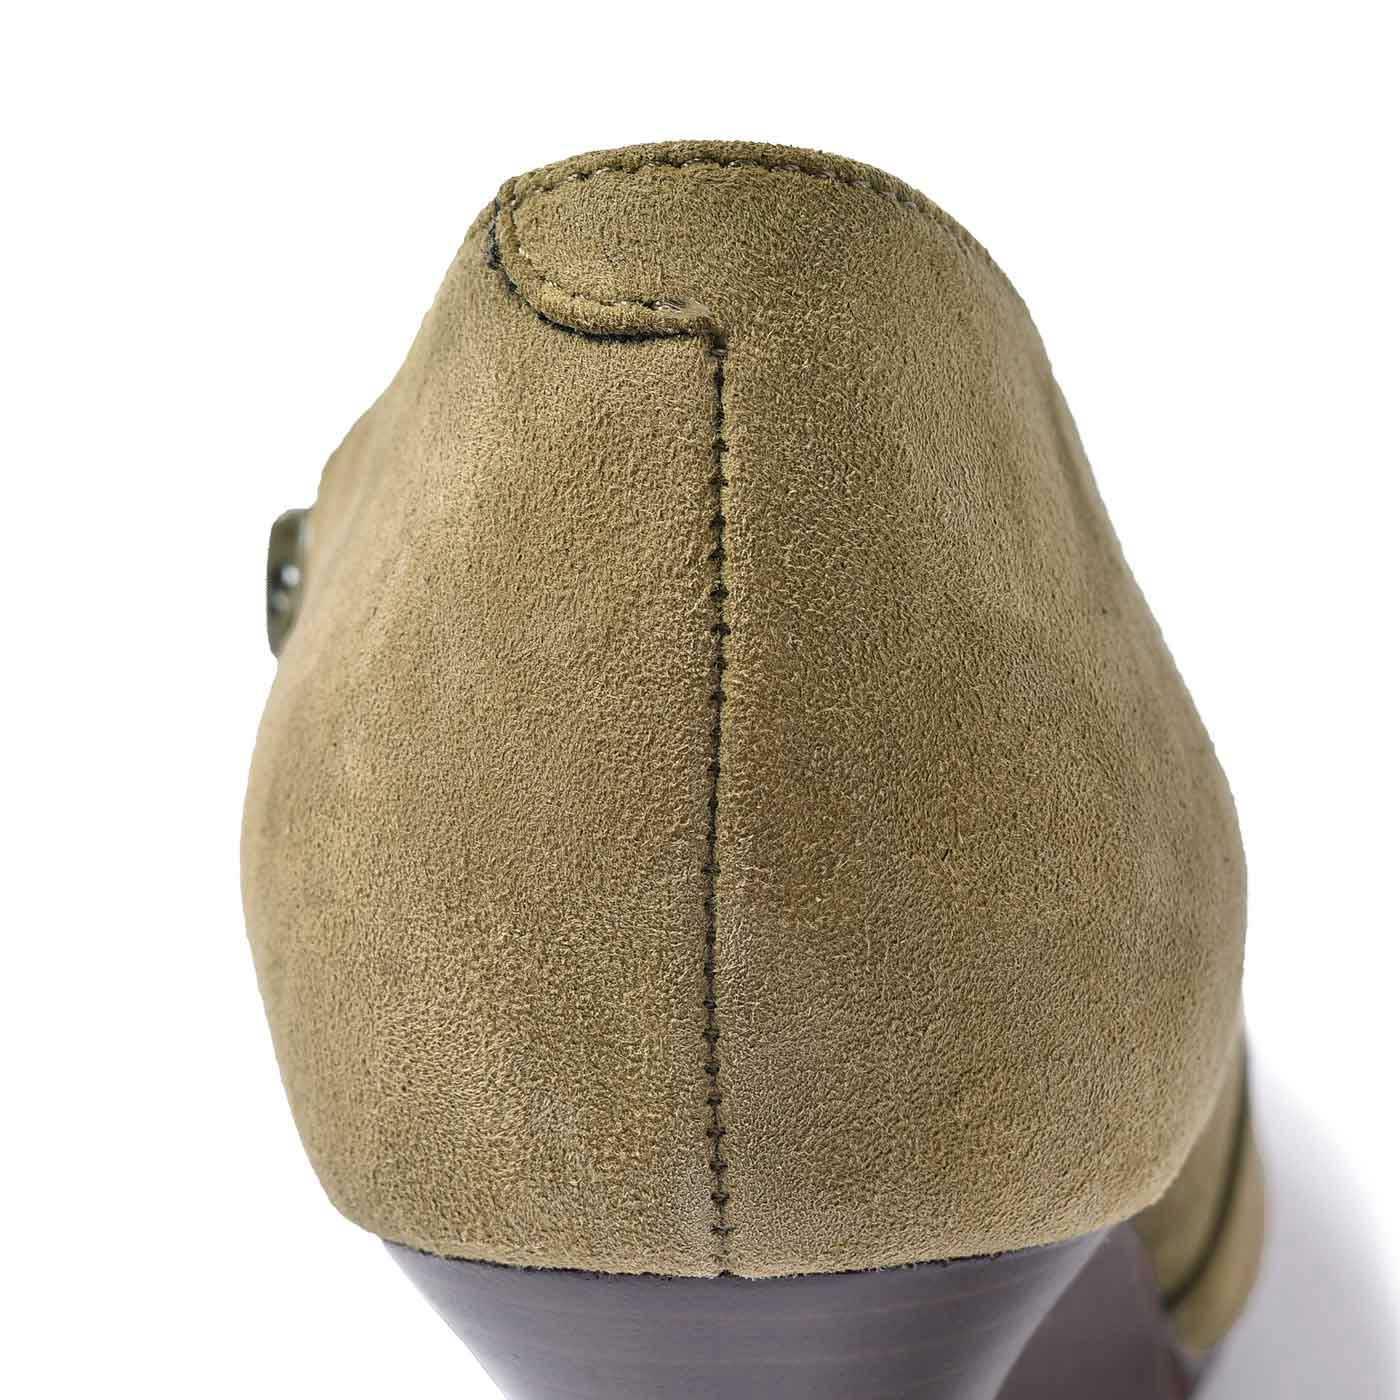 かかとの仕様にもよりこだわっています。強度を増すためにドックテールという縫製にしています。